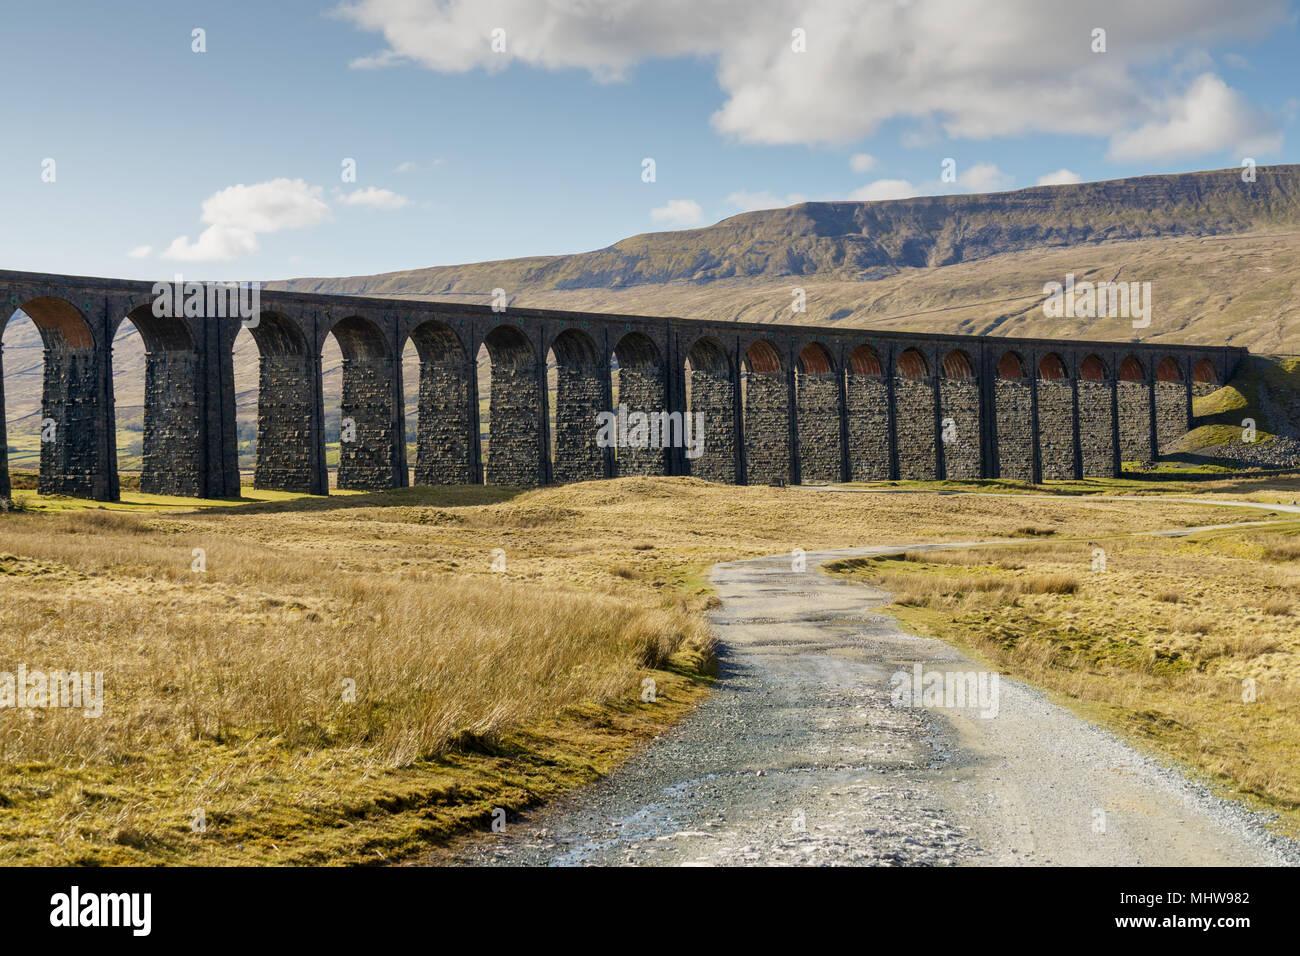 Il viadotto Ribblehead e il percorso che conduce ad esso. Foto Stock